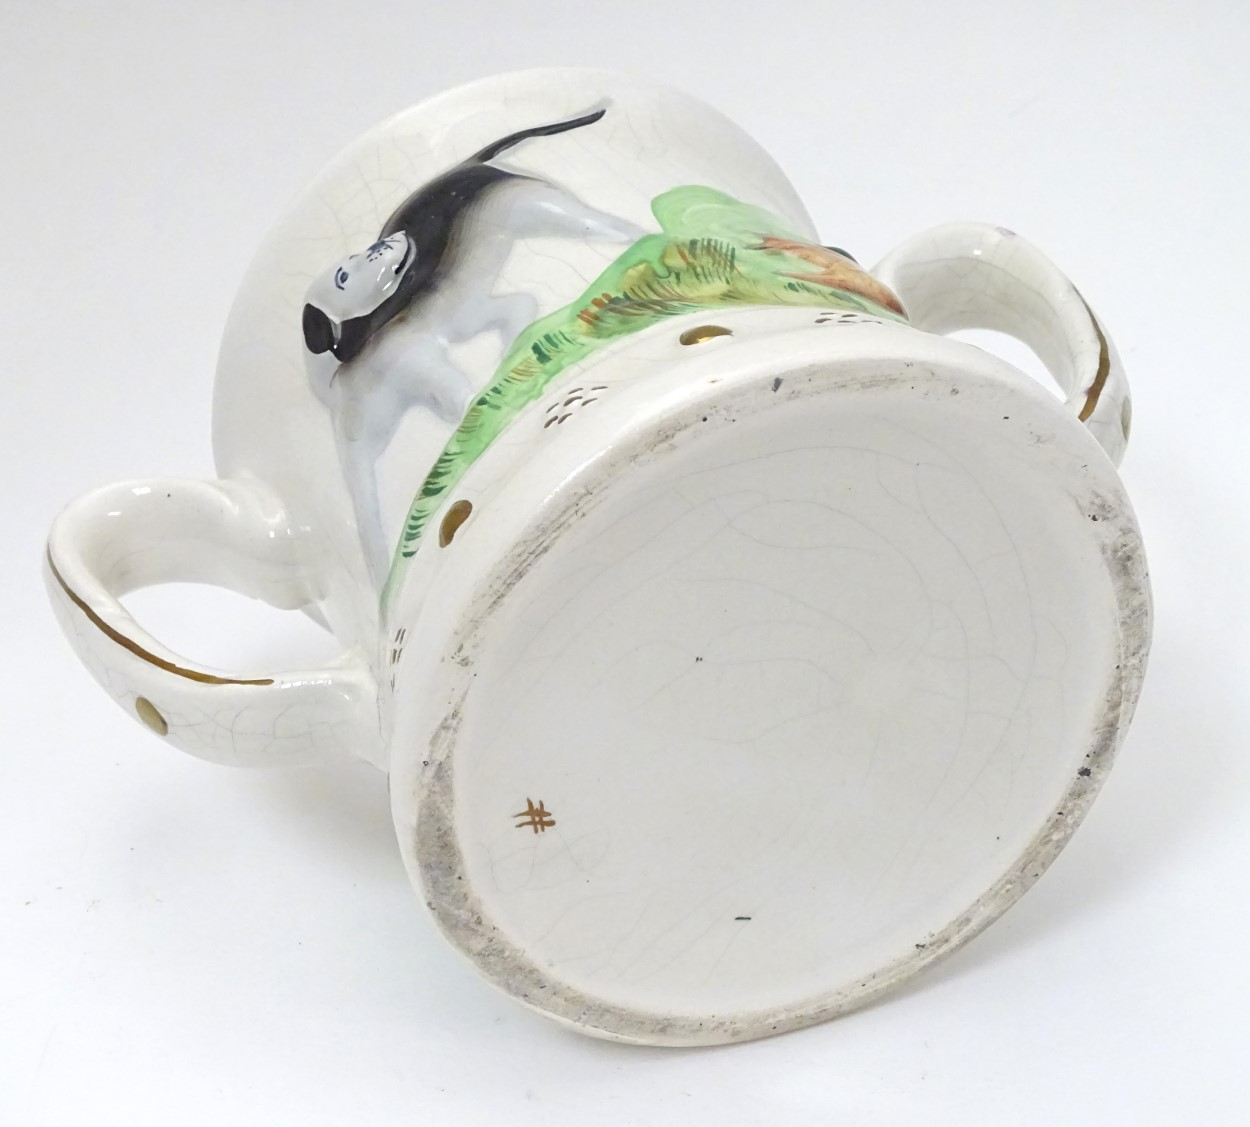 Lot 50 - A Staffordshire Loving Mug / Frog mug,